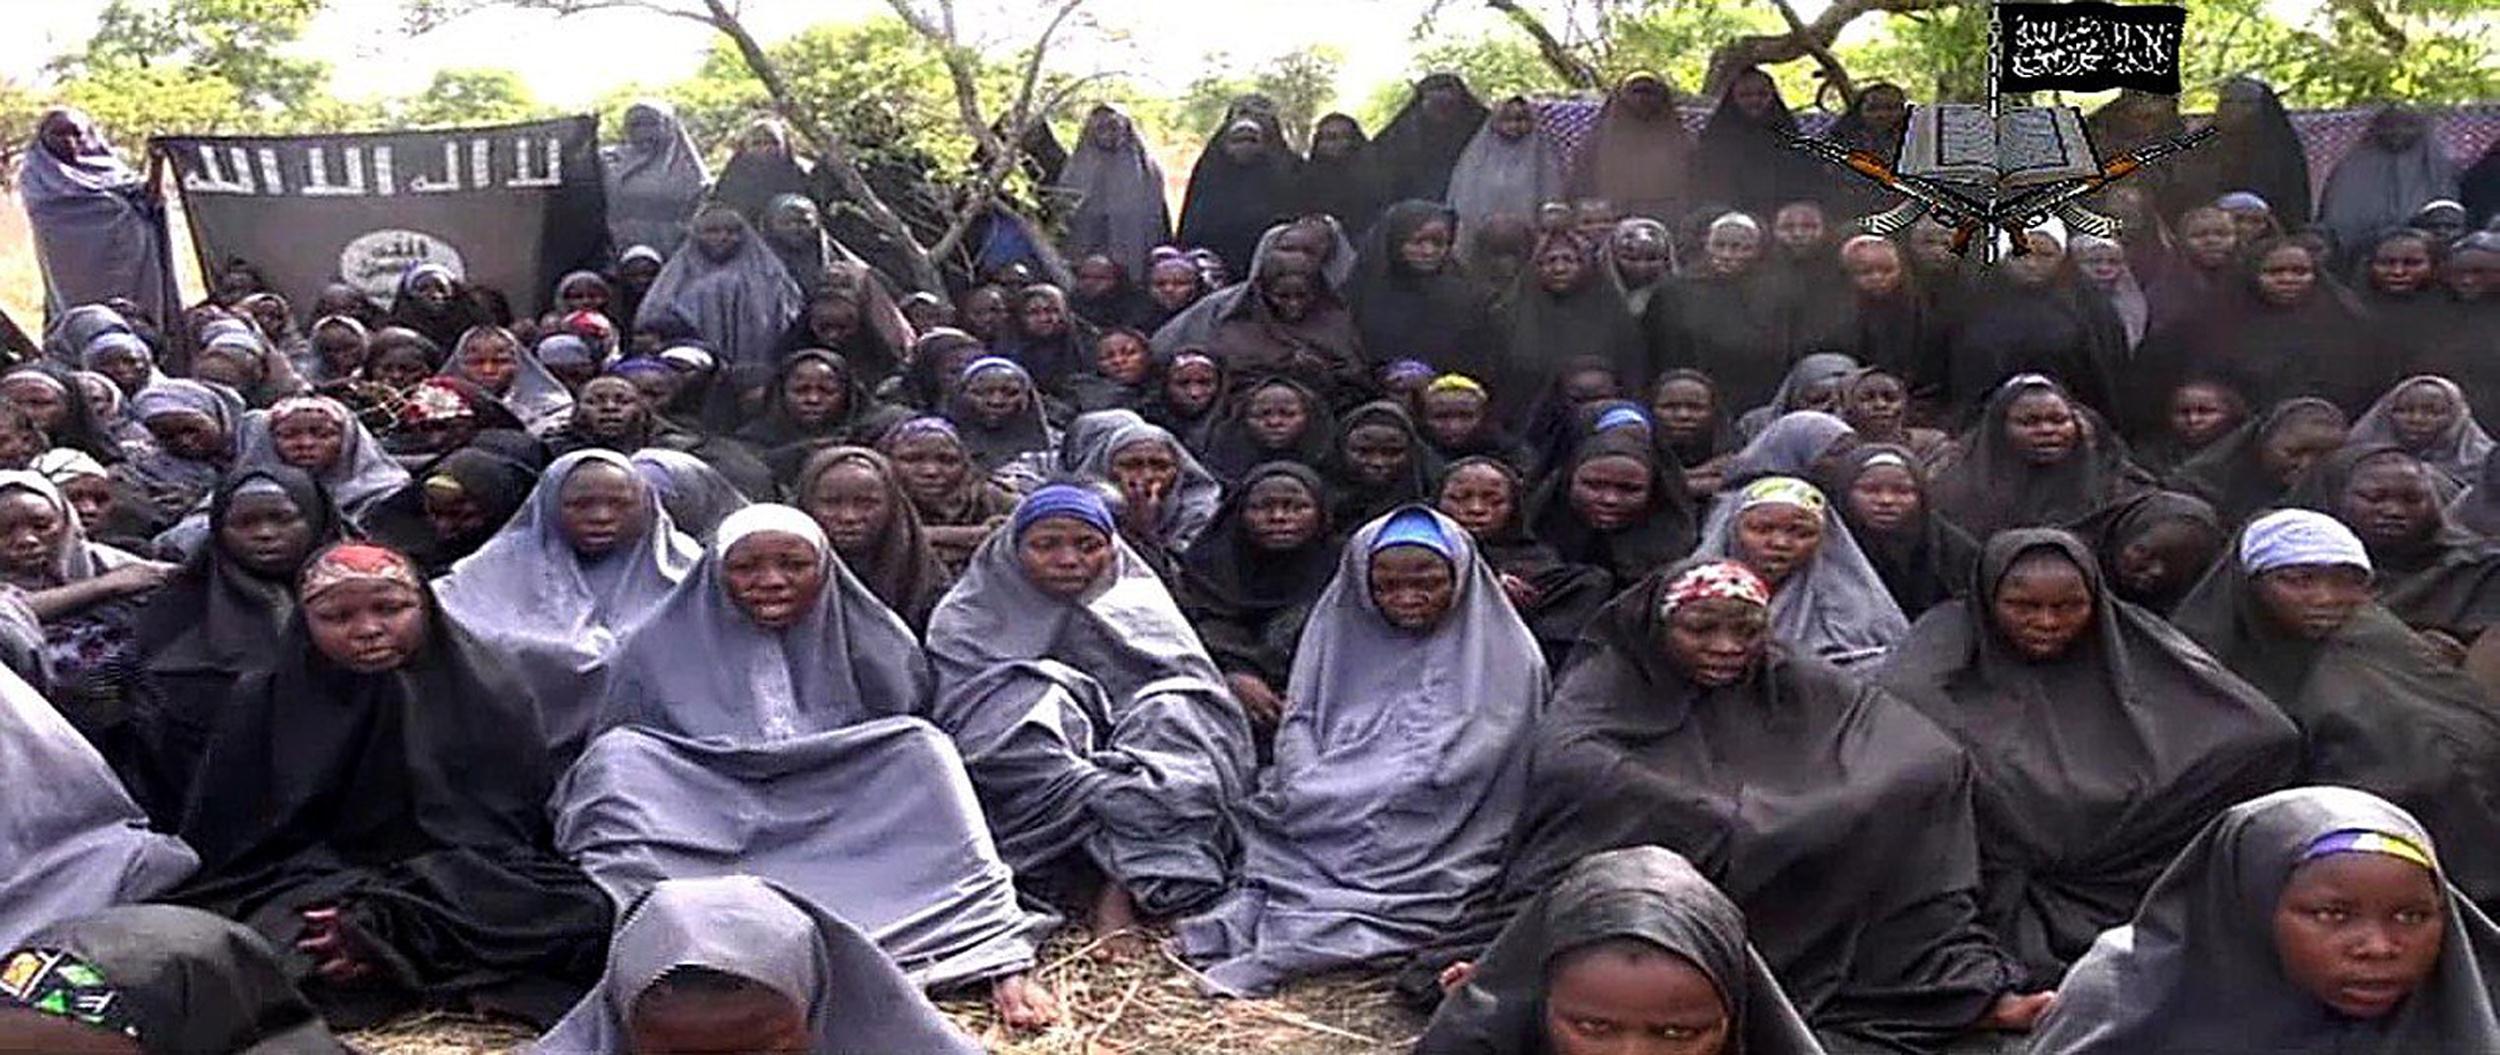 Boko Haram Nigerian Schoolgirls